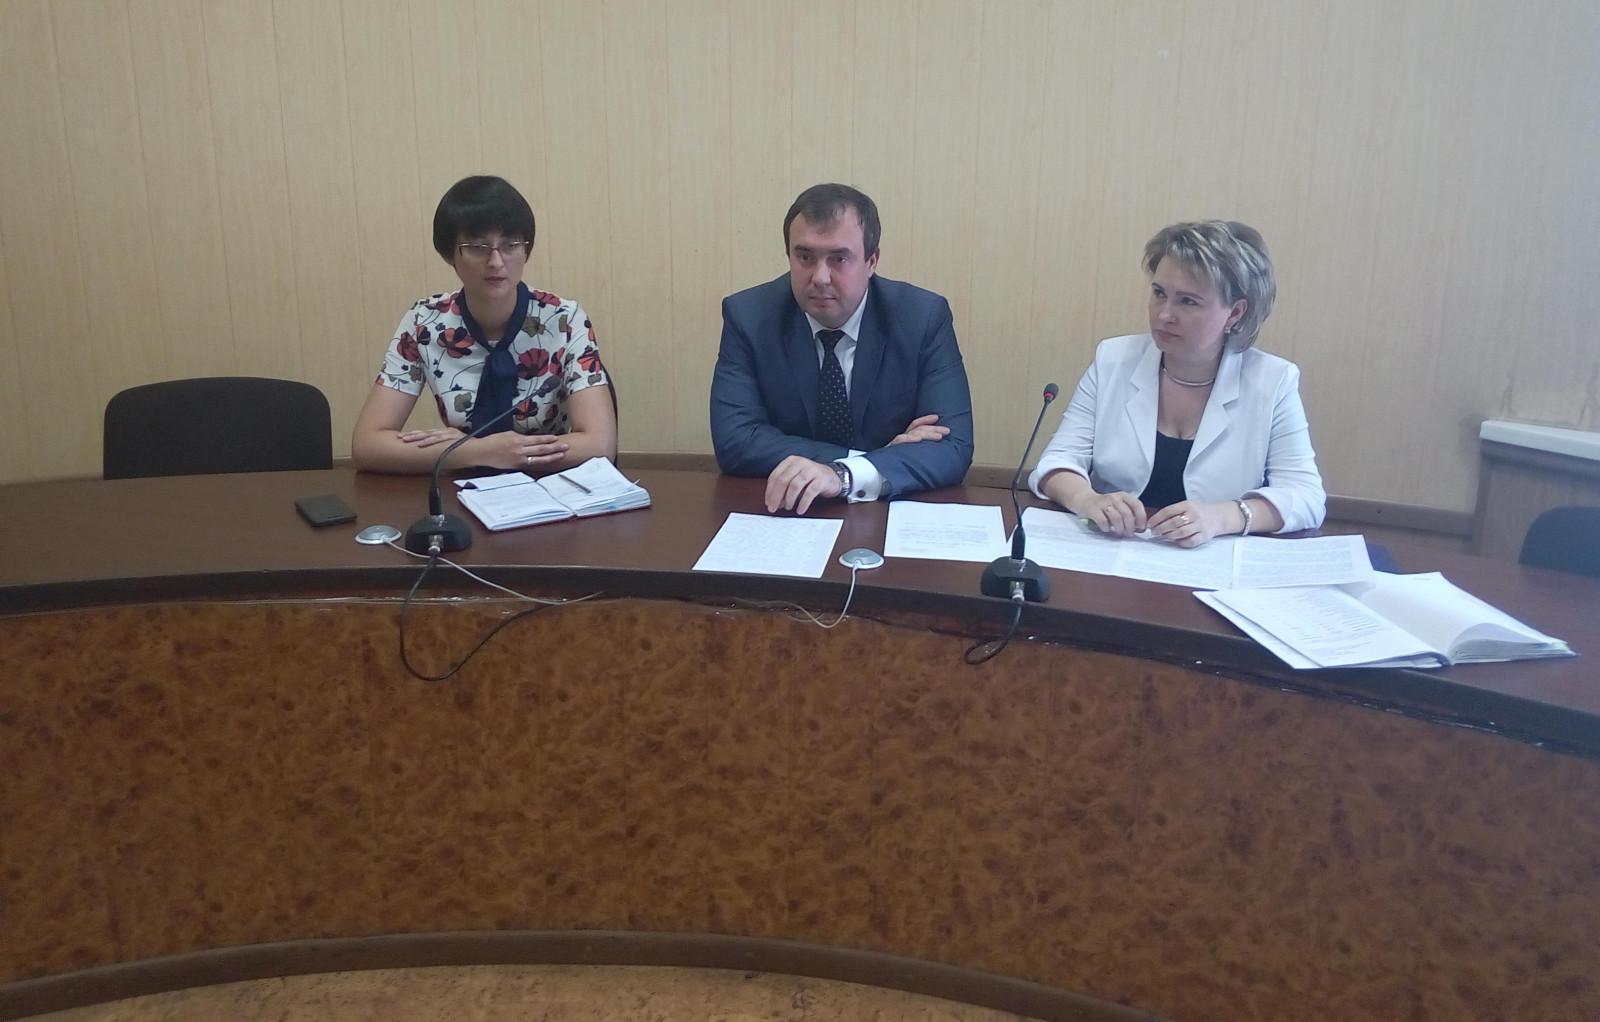 Вице-губернатор Игорь Кулаков призвал муниципалитеты региона активнее реализовывать программы благоустройства